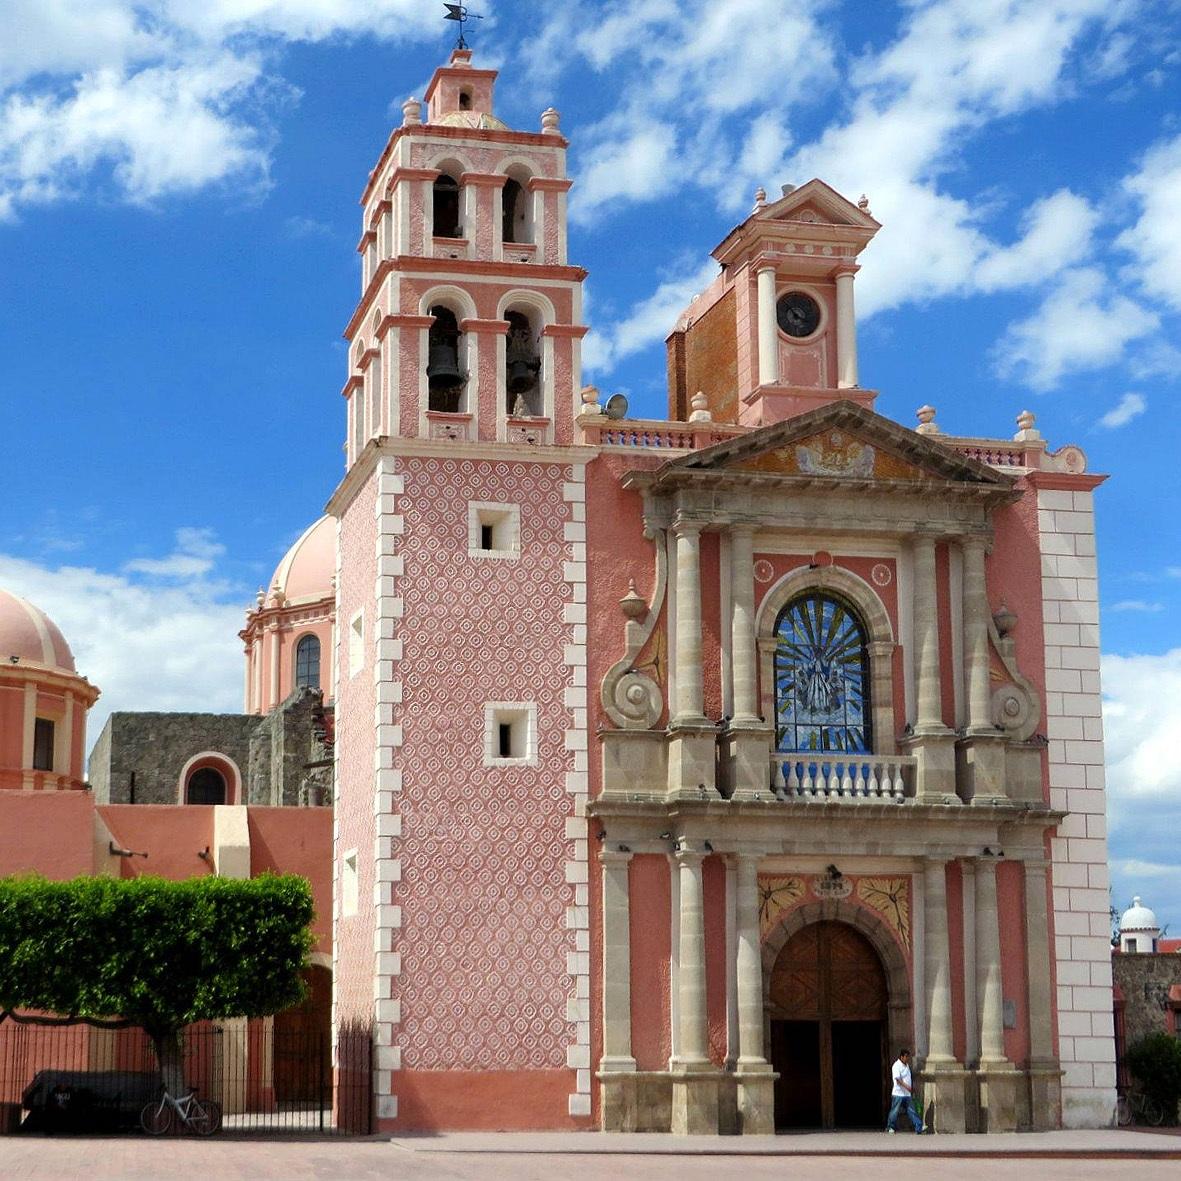 Templo de Nuestra Señora de la Asunción - Tequisquiapan